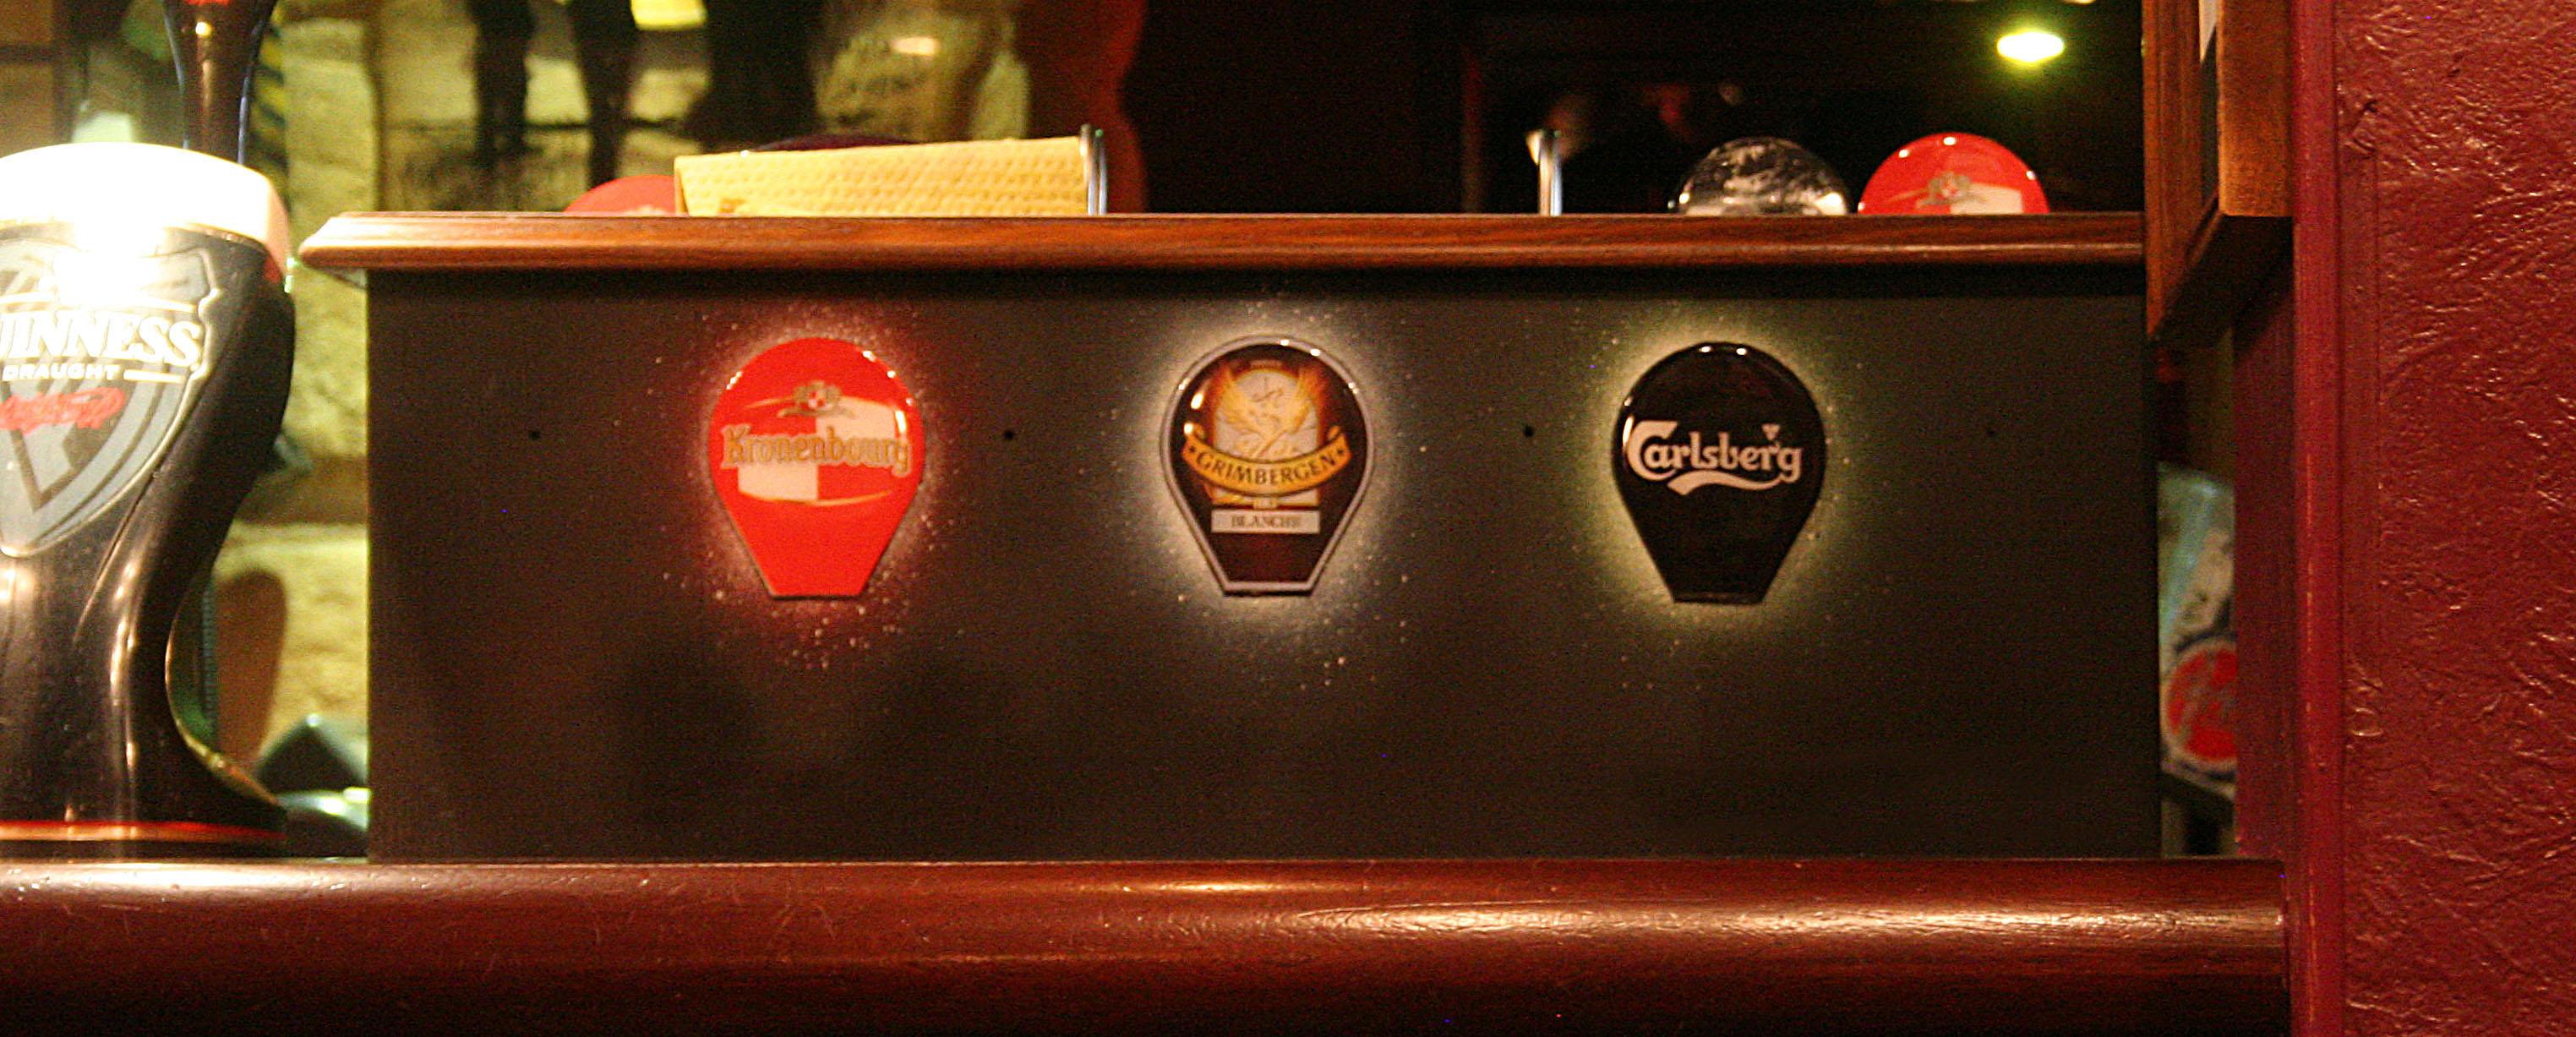 fresques du truskel microklub pour décorer des marques de bières